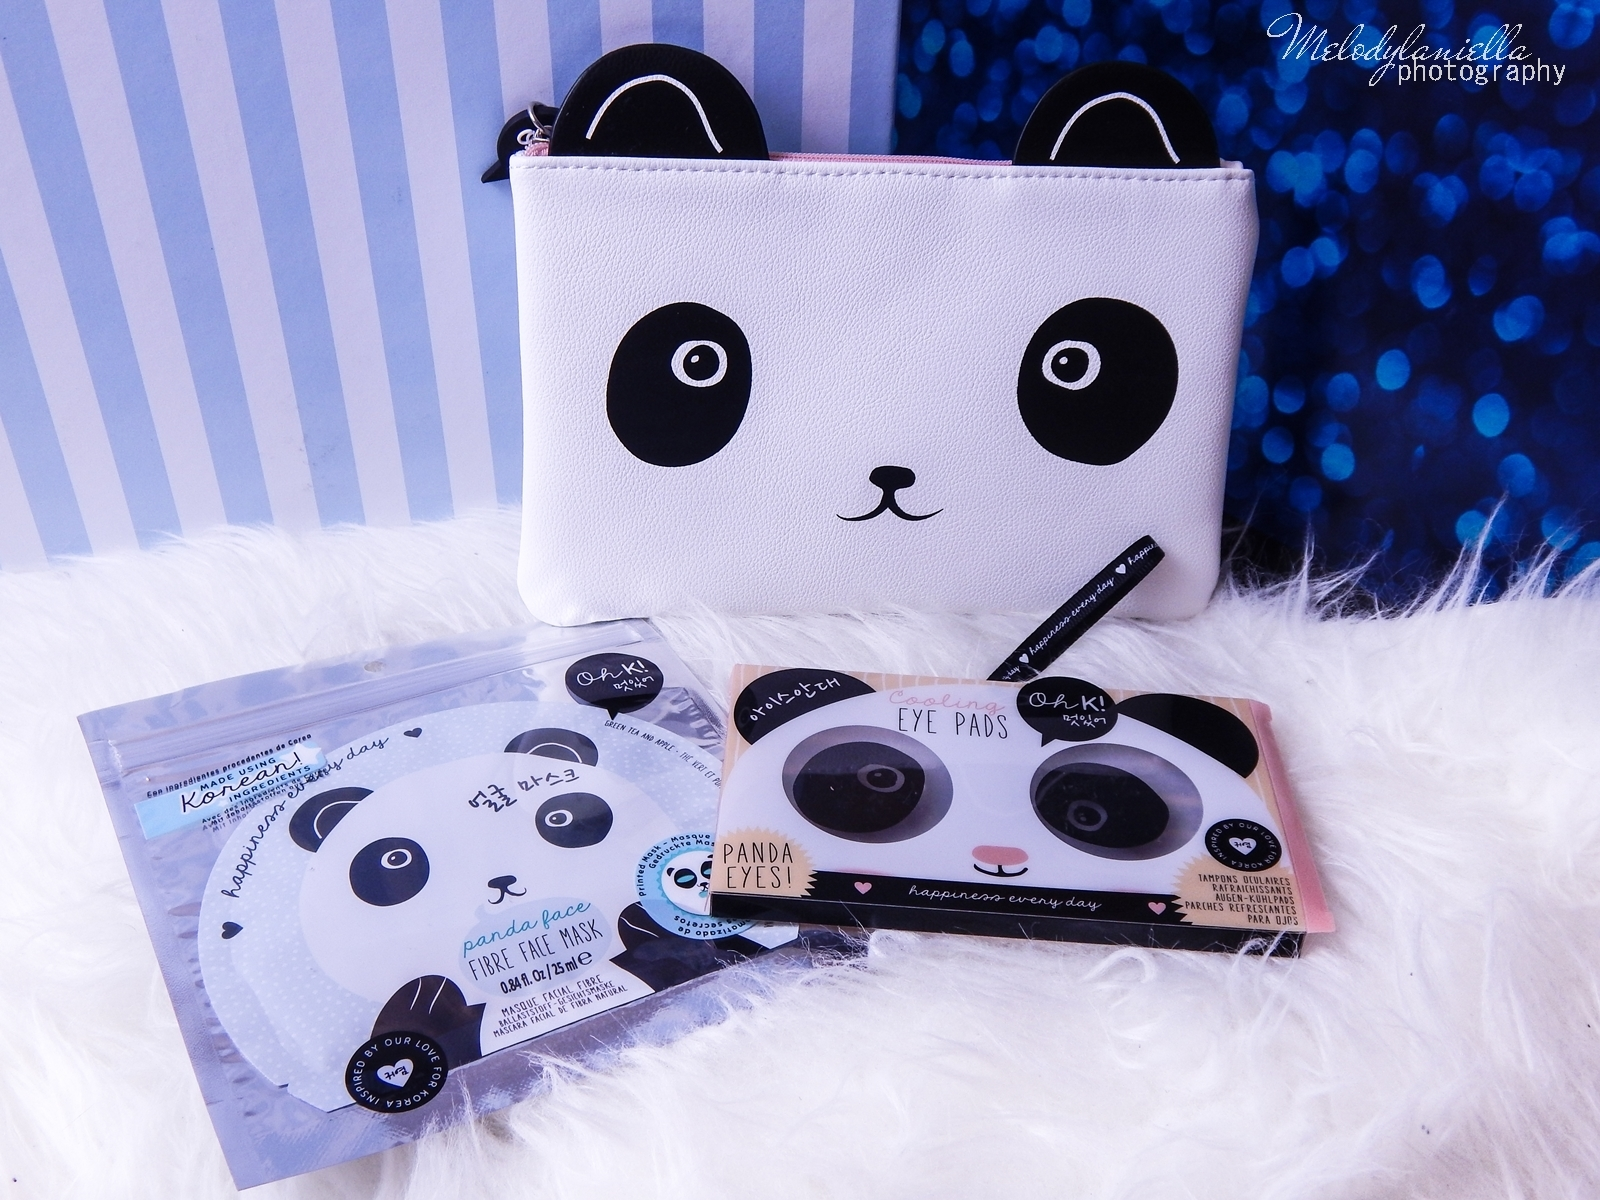 6 Oh! K Life koreańskie kosmetyki i gadżety słodkie dziewczęce dodatki maska do twarzy panda kosmetyczka w kształcie pandy lodowe płatki chłodzące okłady na oczy przeciw sińcom jak pozbyć się sińców pod oczami